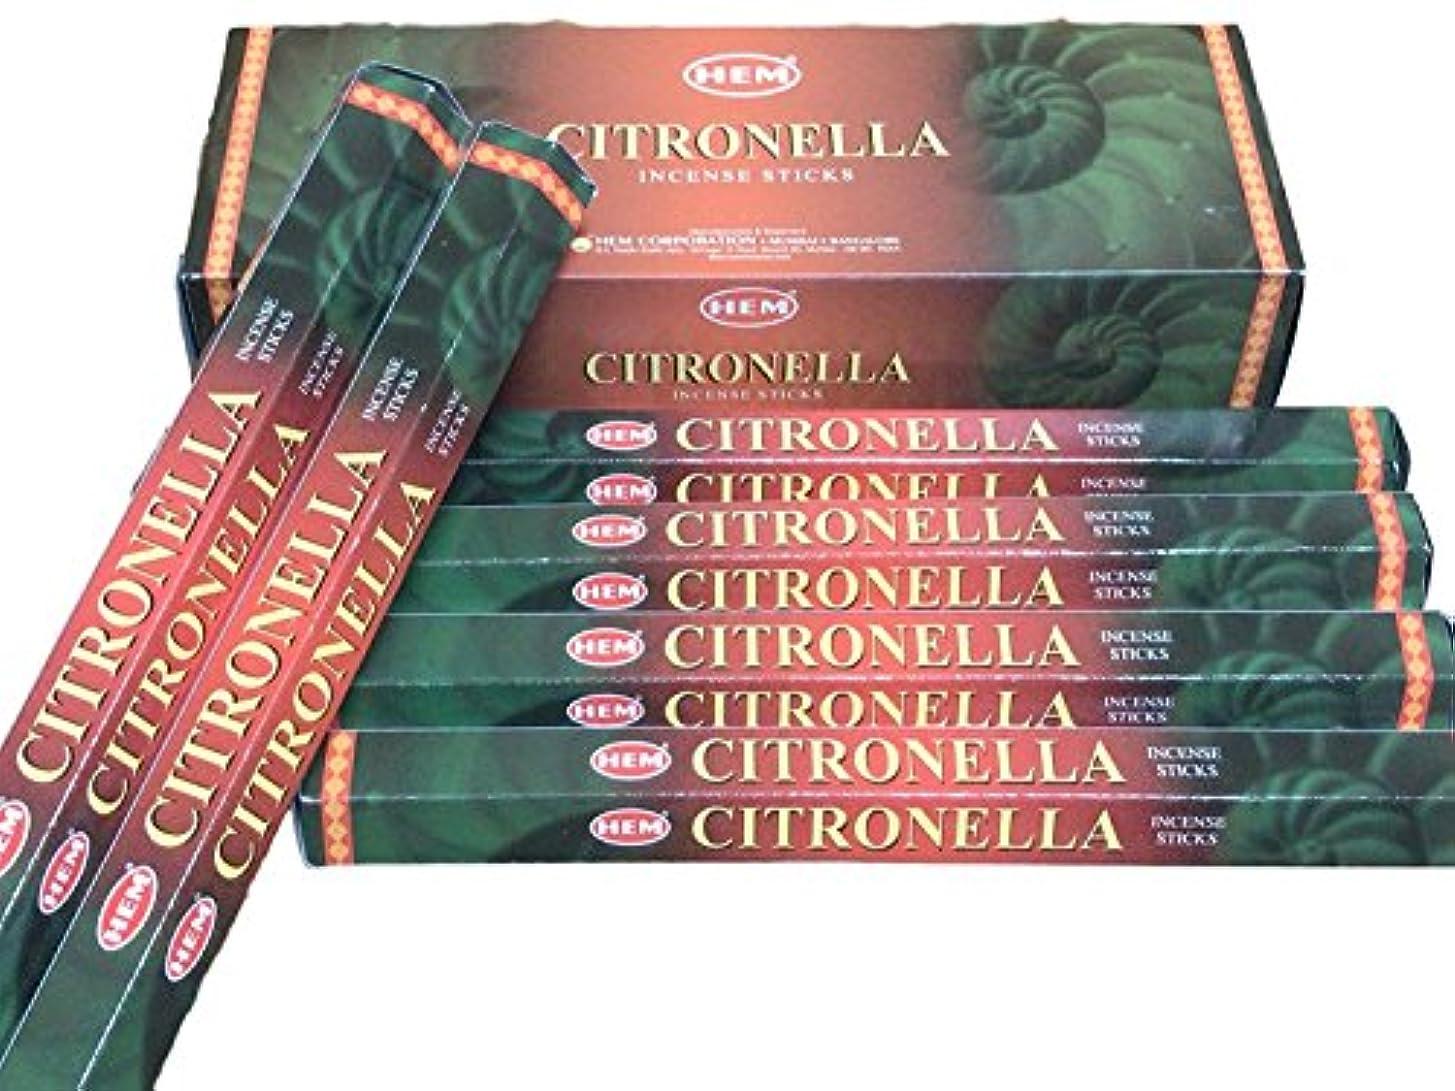 変な研磨直立HEM ヘム シトロネラ CITRONELLA ステック お香 6本 セット